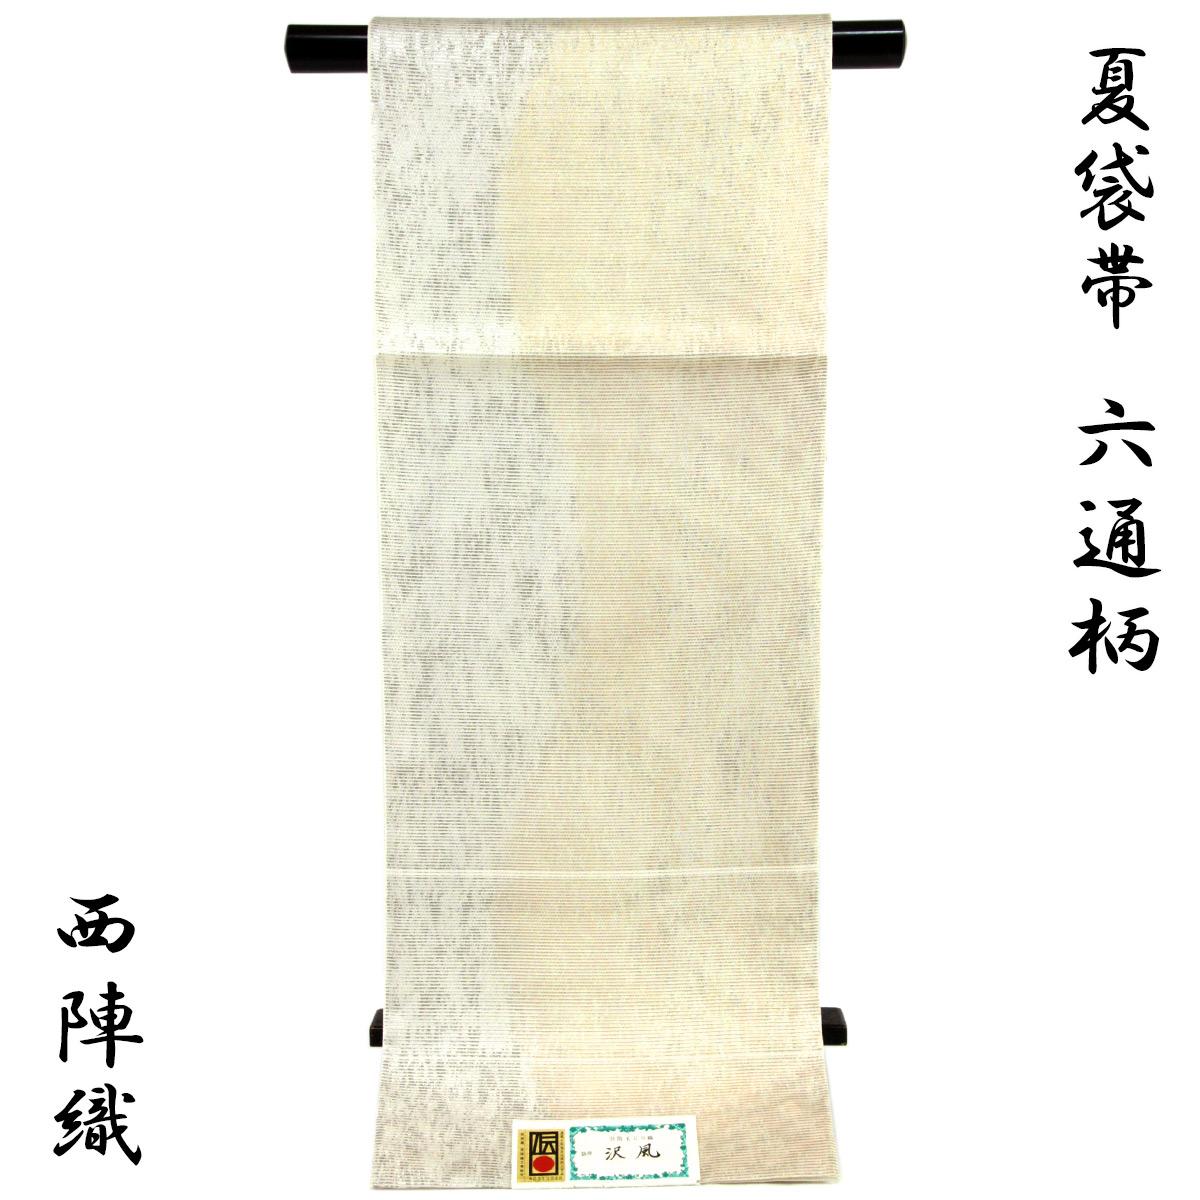 絽袋帯 -4- 夏帯 西陣織 洛陽織物 六通柄 金銀 墨流し